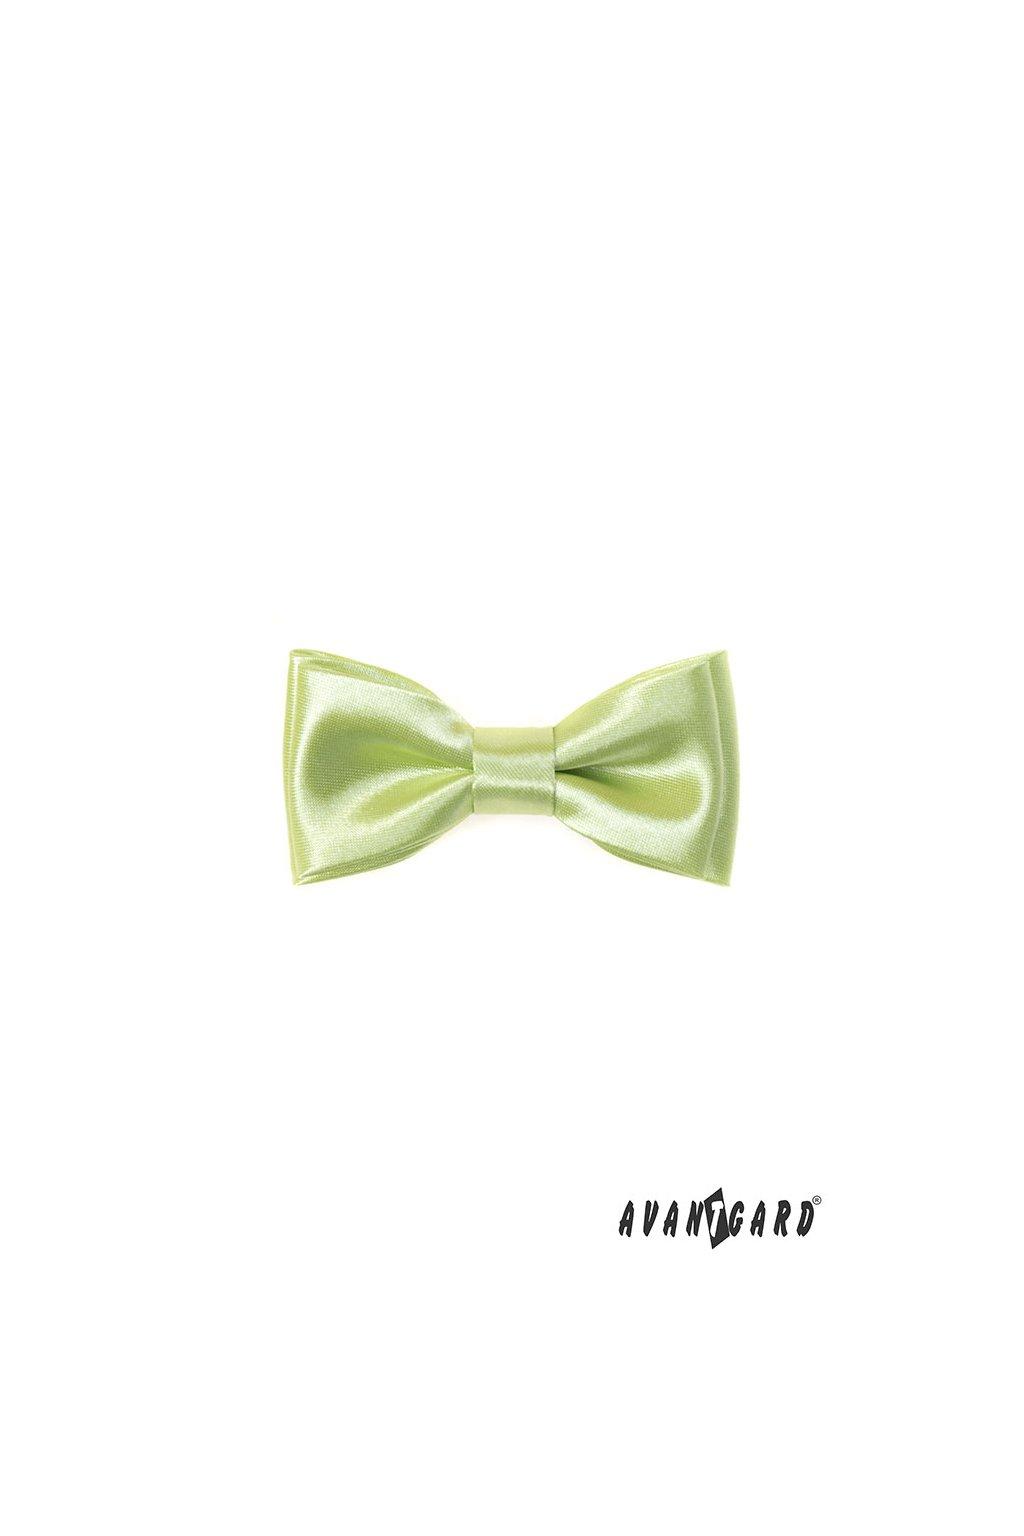 Motýlek MINI limetková 531 - 9045